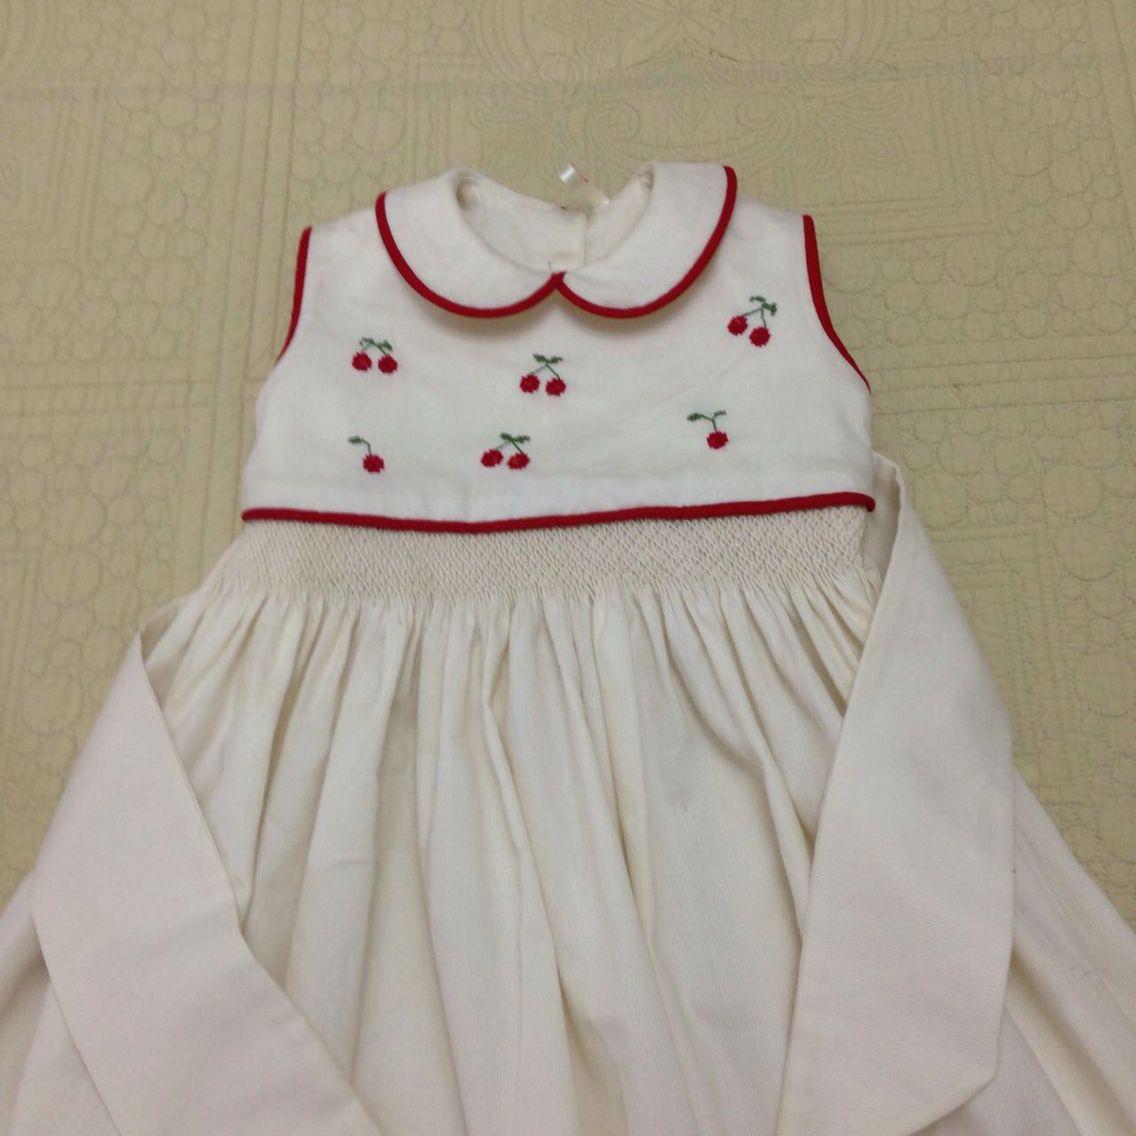 Vestidito de pique beige con bordado de cerezas en punto de cruz y bordado de nido de abeja en la cintura